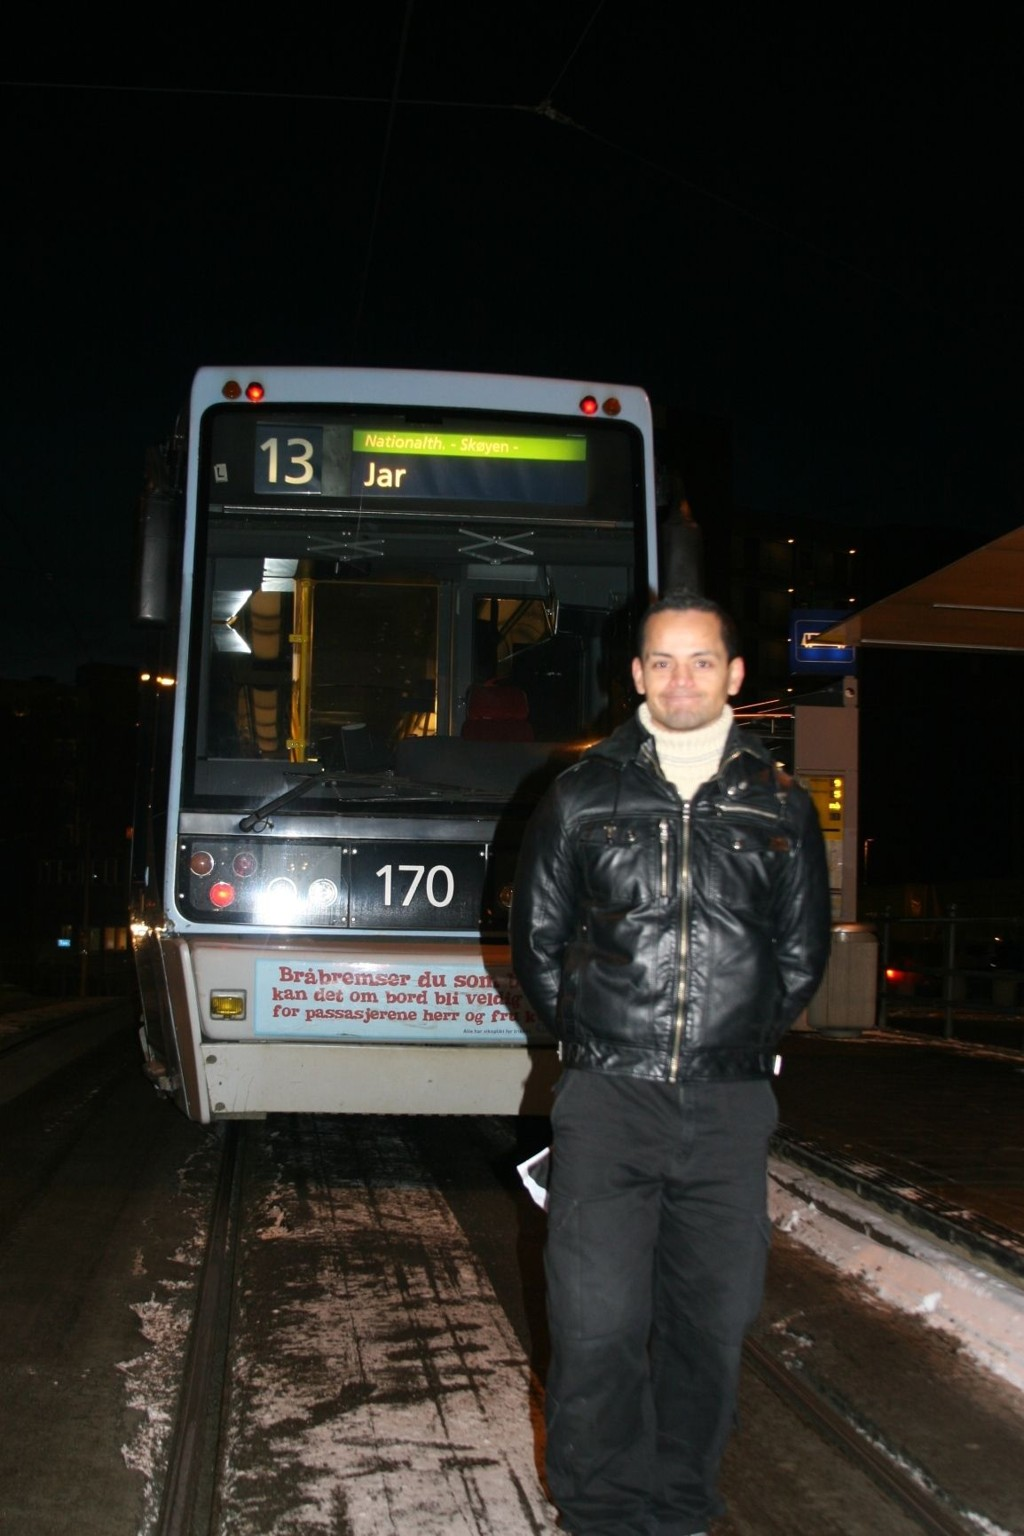 Julio Gonzales ble sjokkert vitne til at en reisende med gyldig billett angivelig fikk juling av kontrollørene på Oslo-trikken.